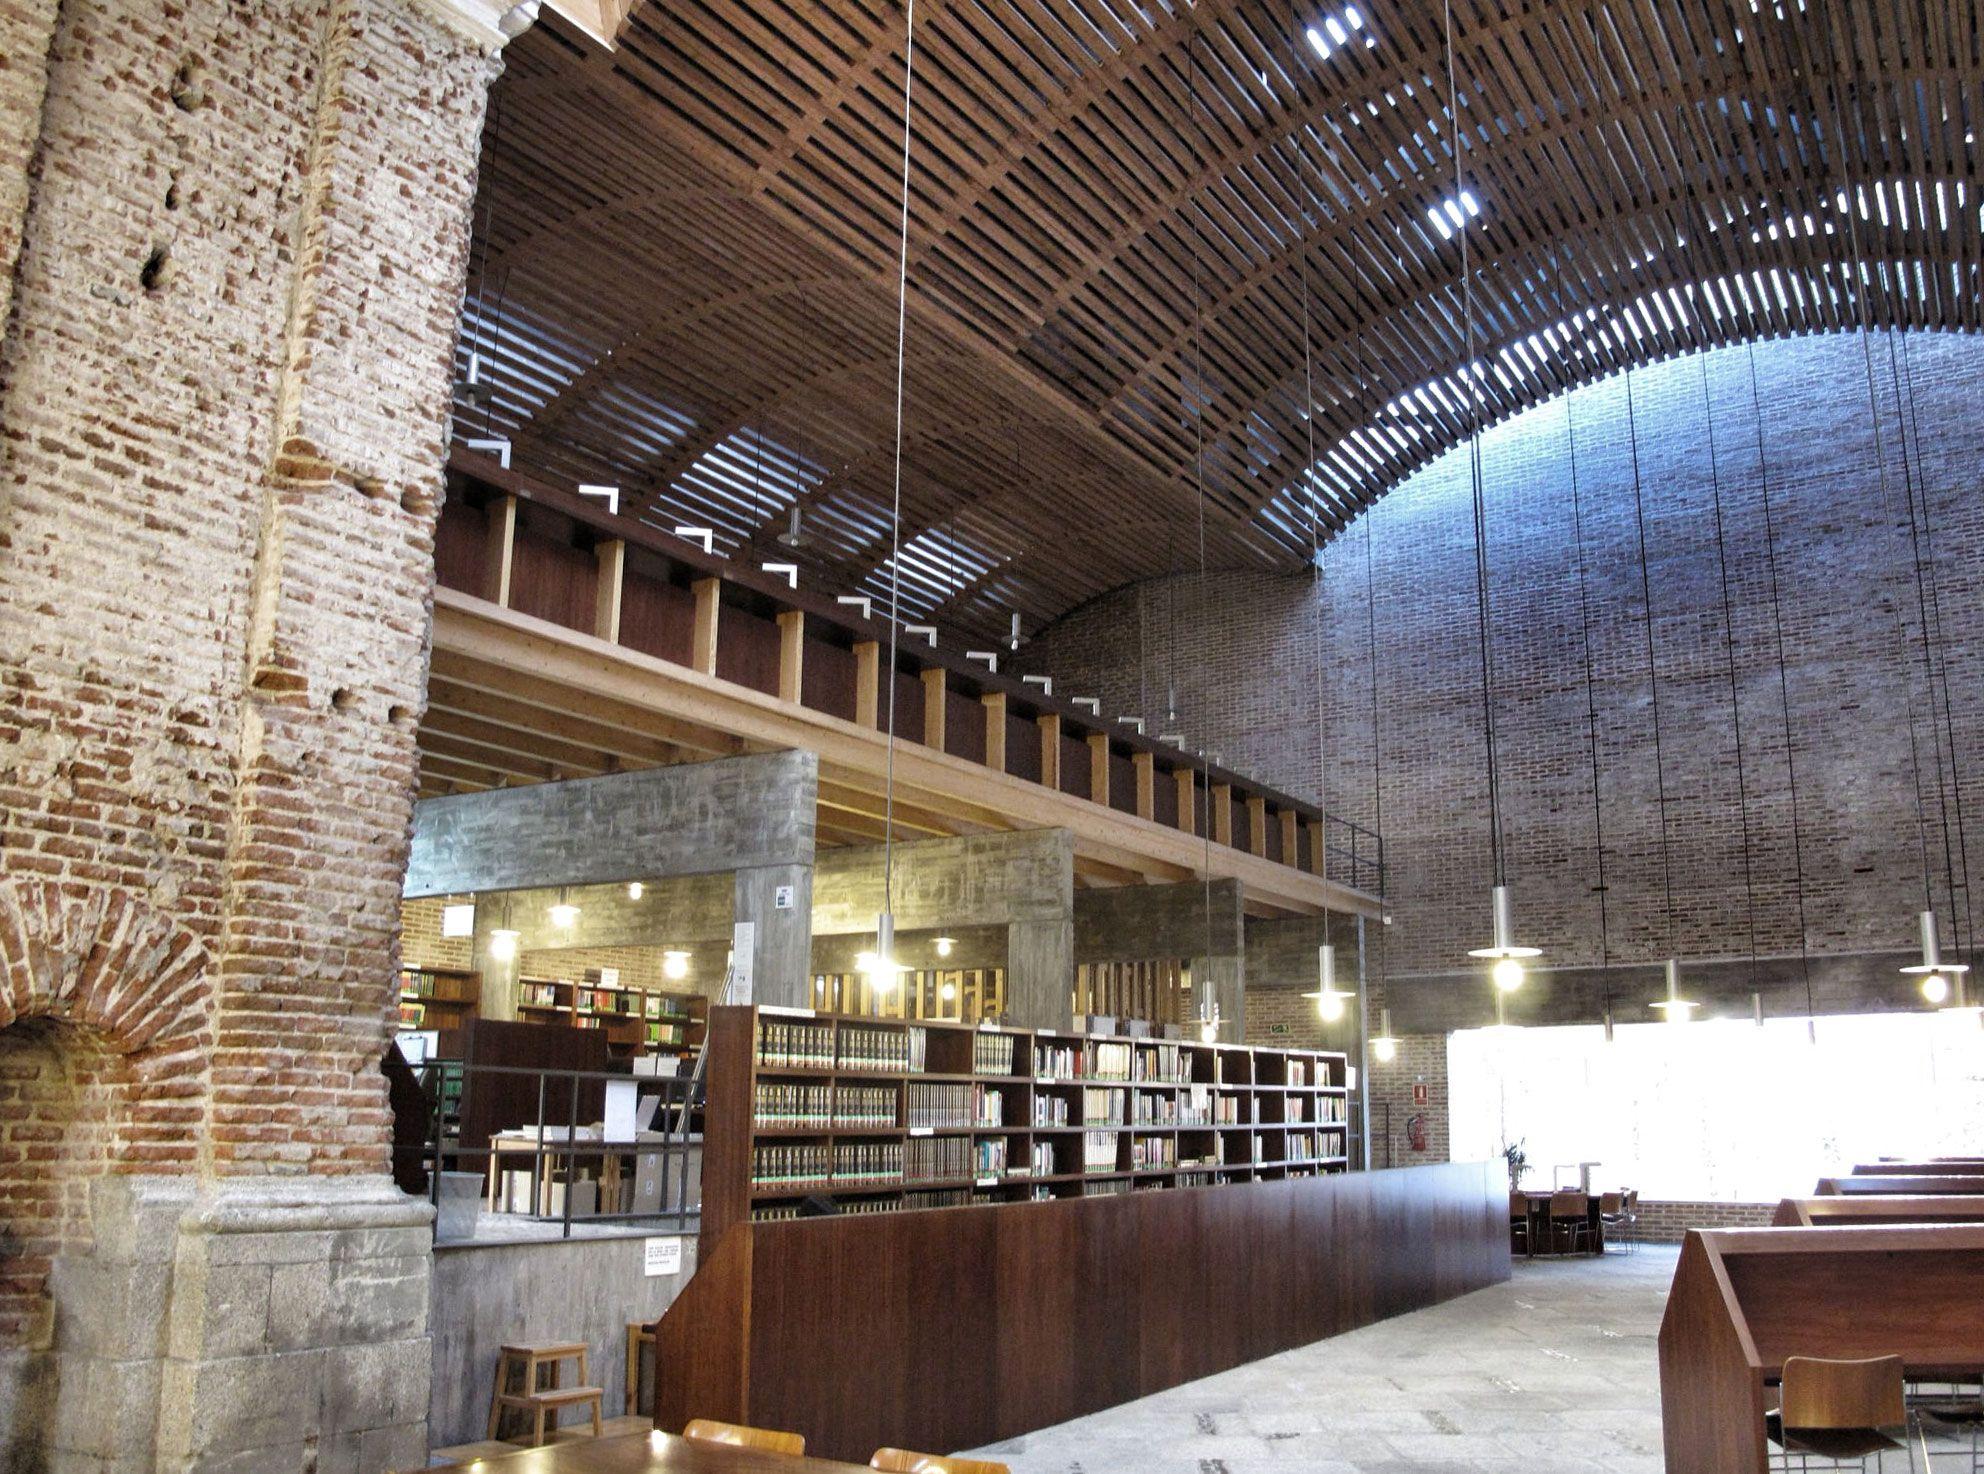 biblioteca de las escuelas pias - Google zoeken